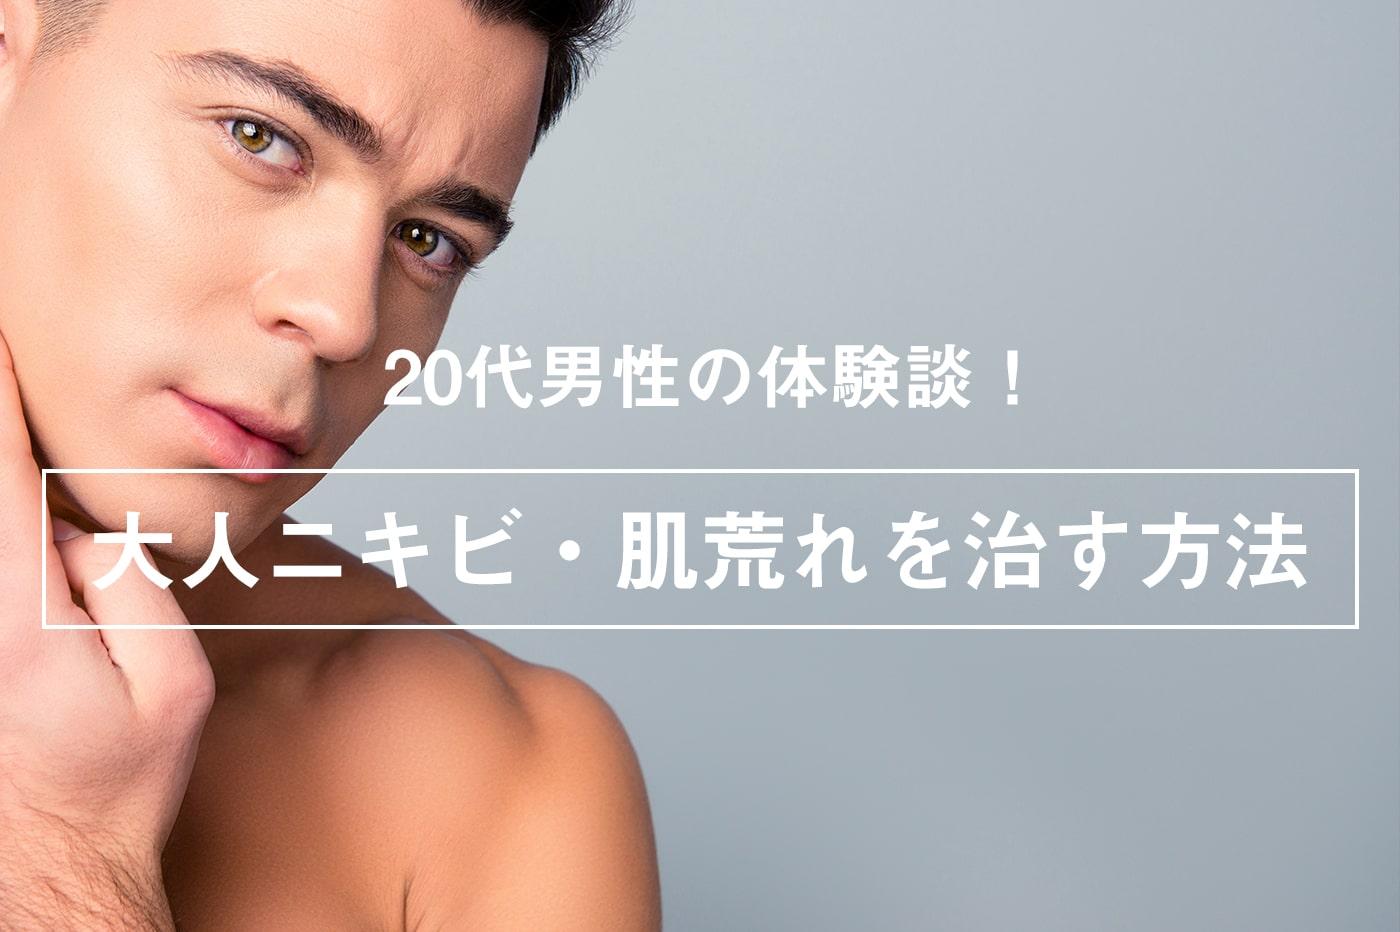 【体験談】20代男性の大人ニキビ・肌荒れを治す方法とは?効果ありの事例を紹介!